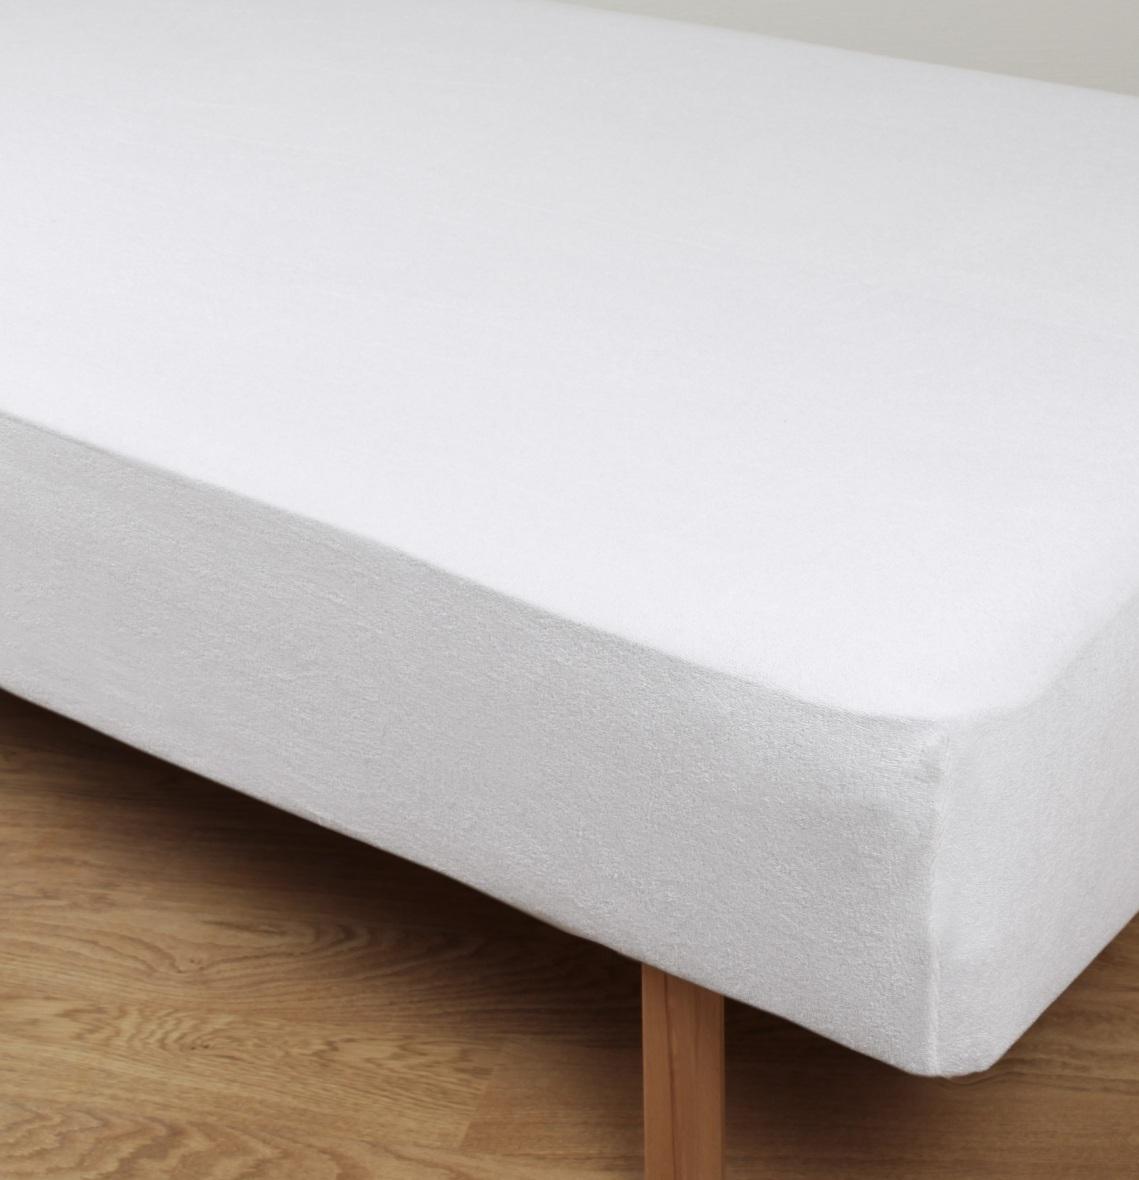 Sängklädsel 90 x 210 cm frotté Värnamo of Sweden